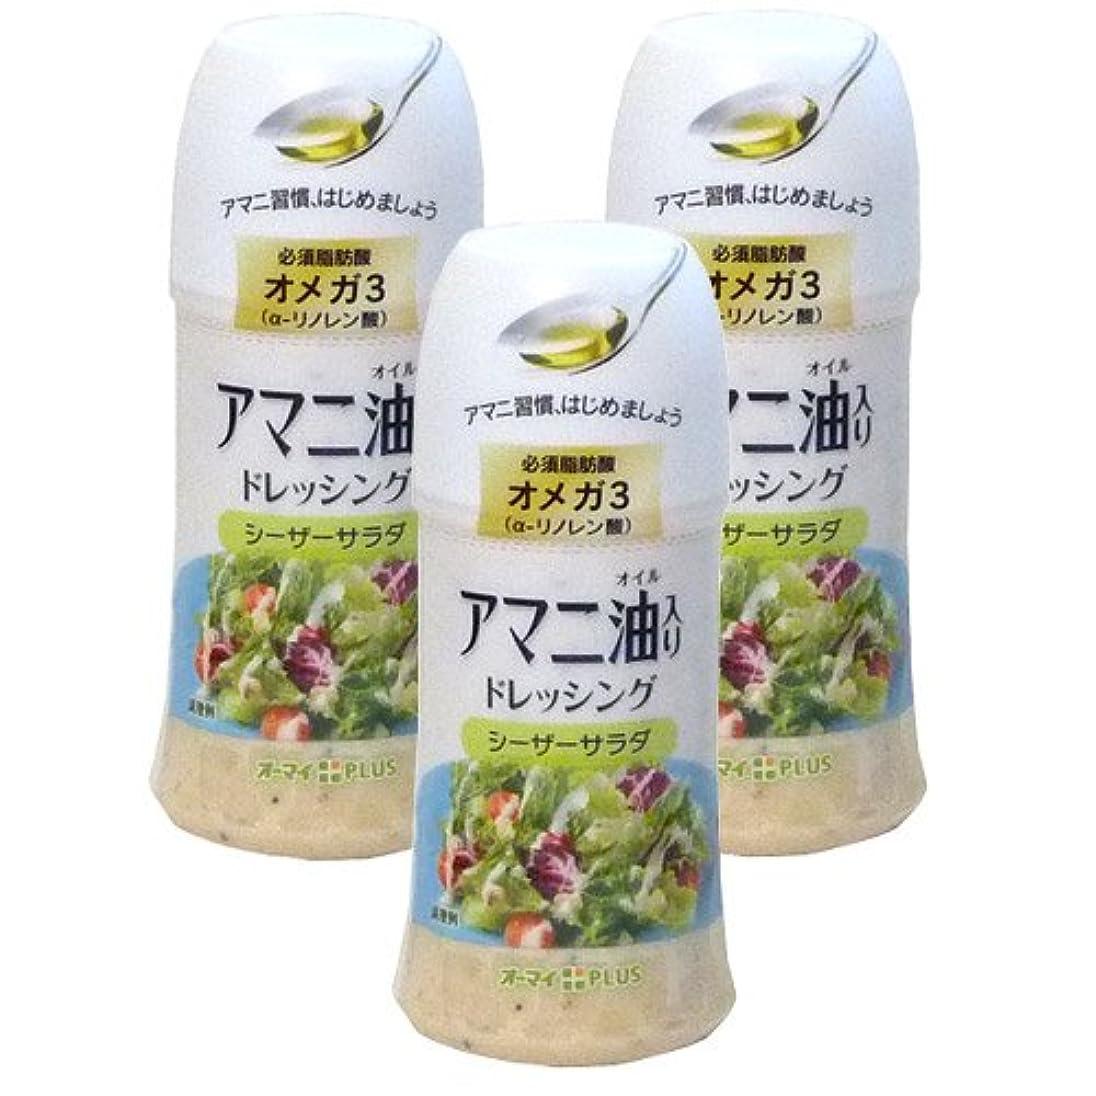 チャンススコア平等アマニ油入り ドレッシング シーザーサラダ【3セット】